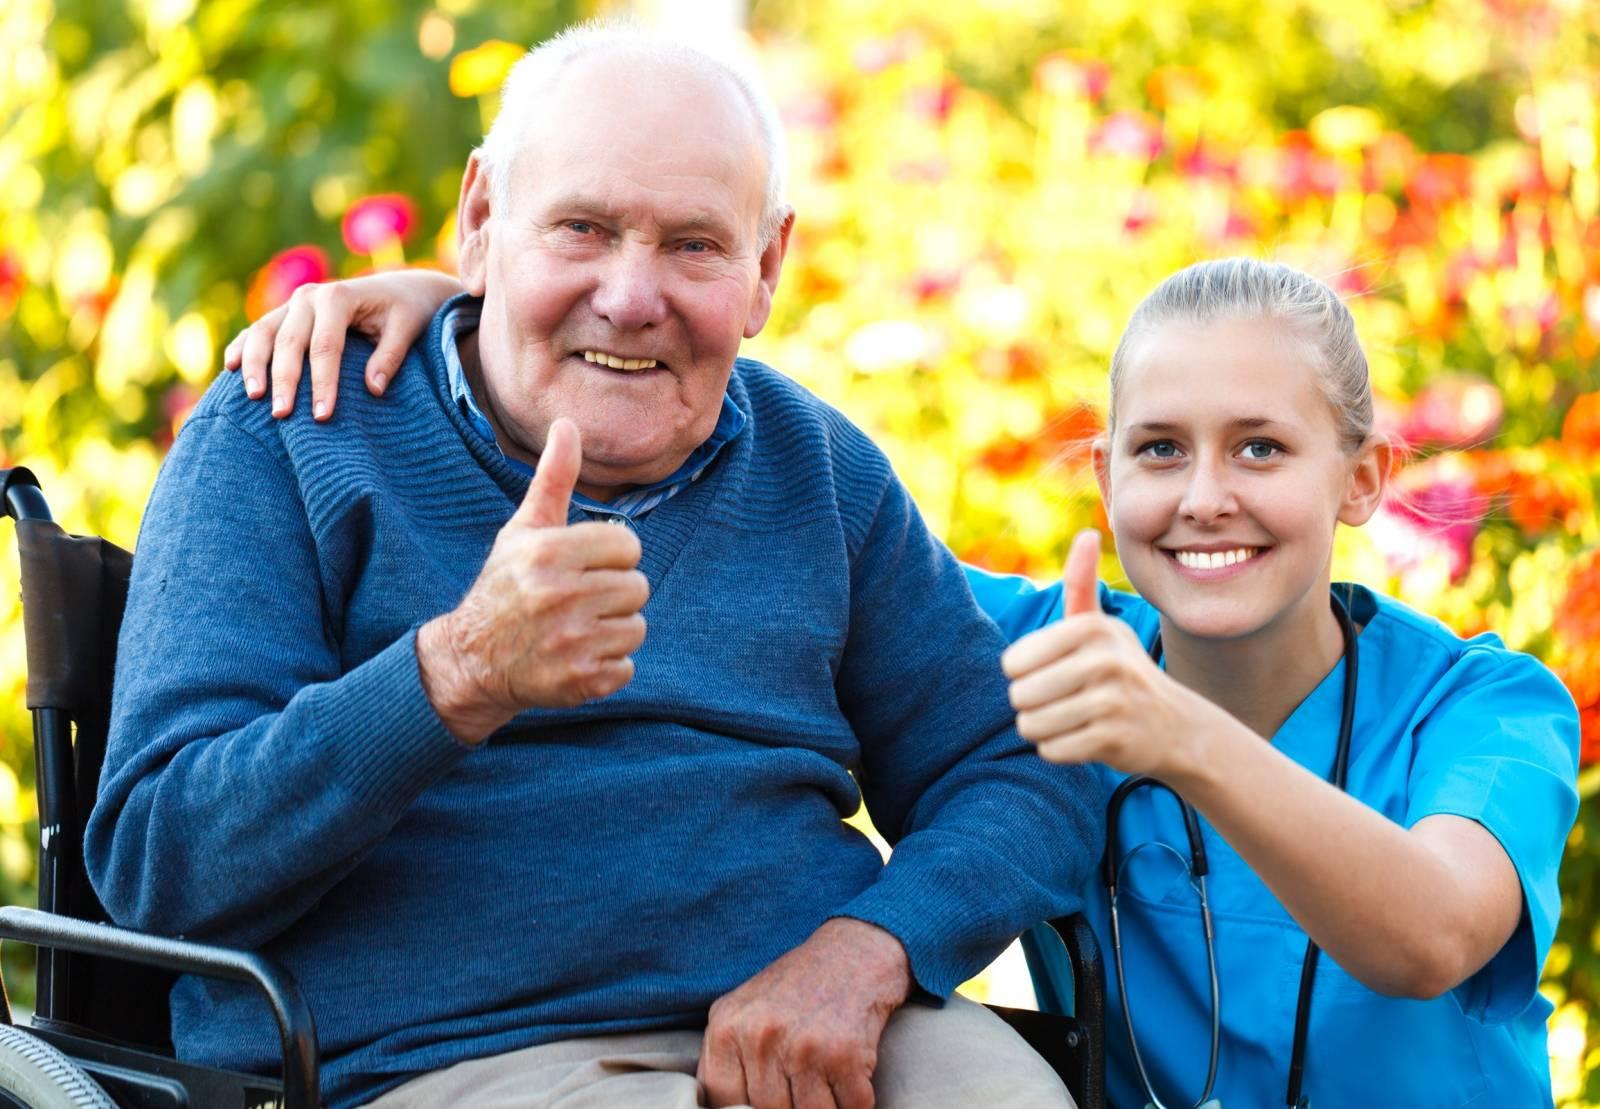 Groupe de r sidences m dicalis es pour personnes g es for Aide sociale personnes agees maison de retraite